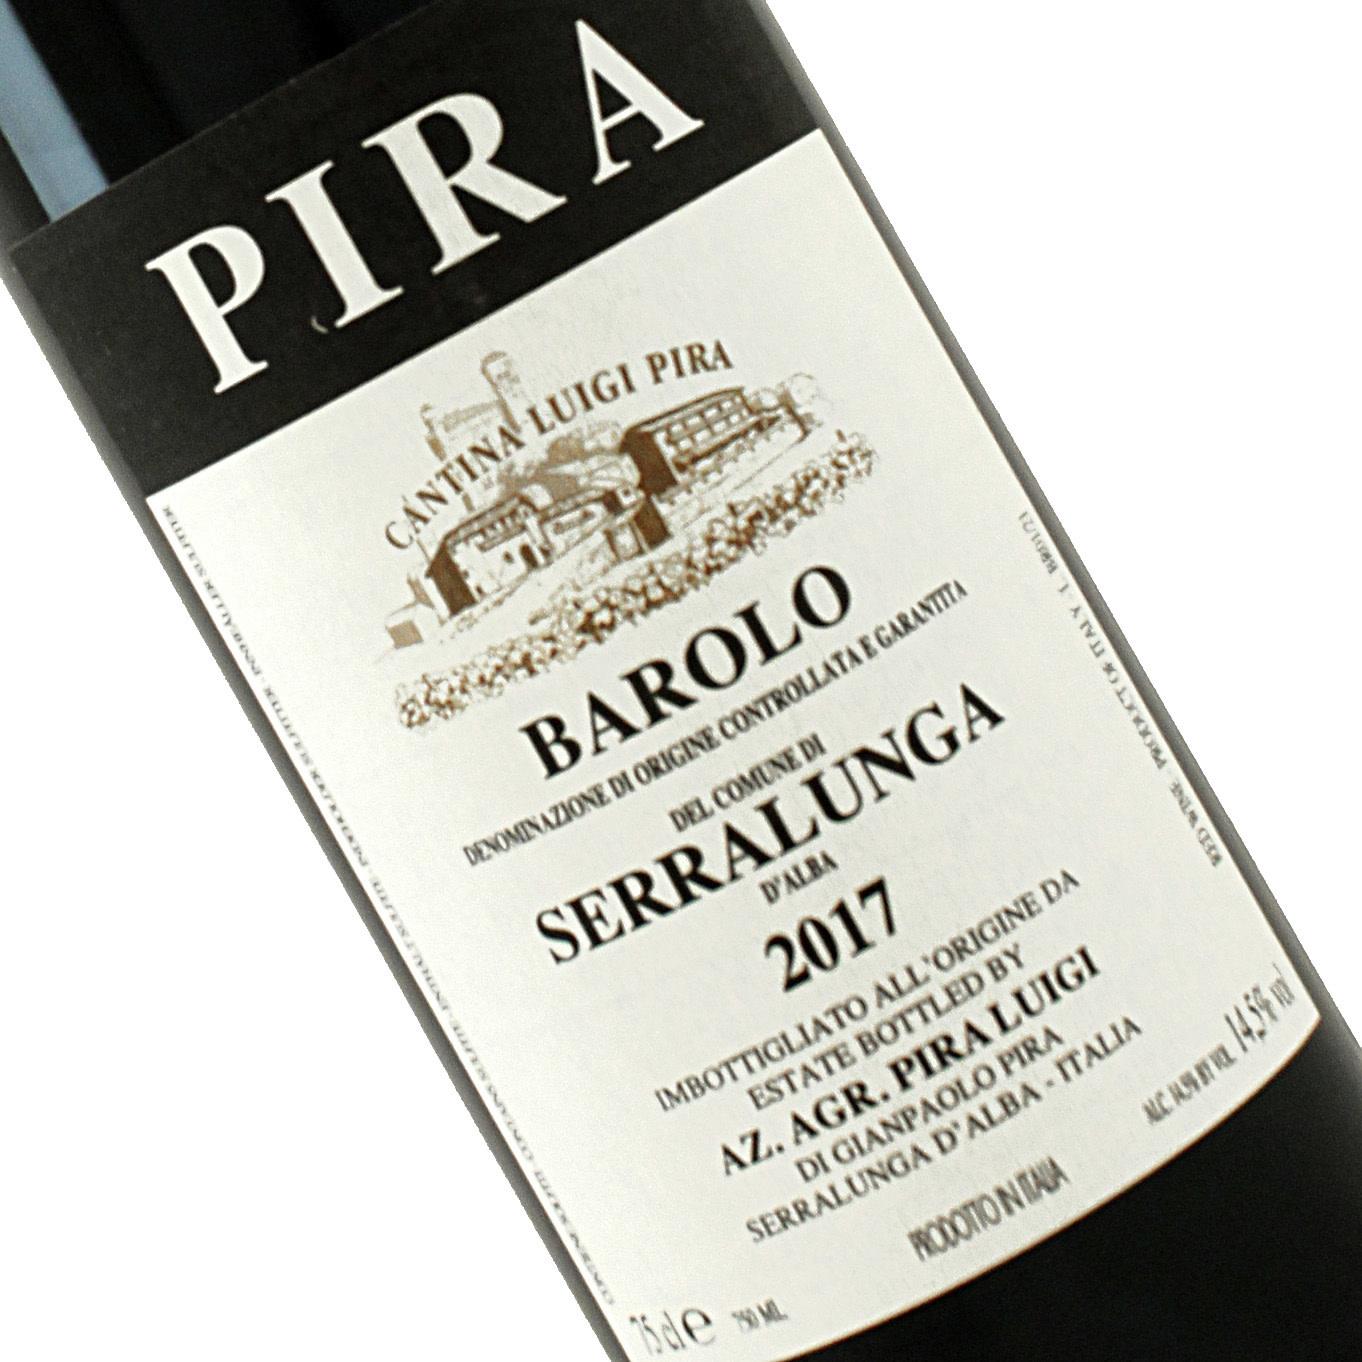 Luigi Pira 2017 Barolo Serralunga, Piedmont